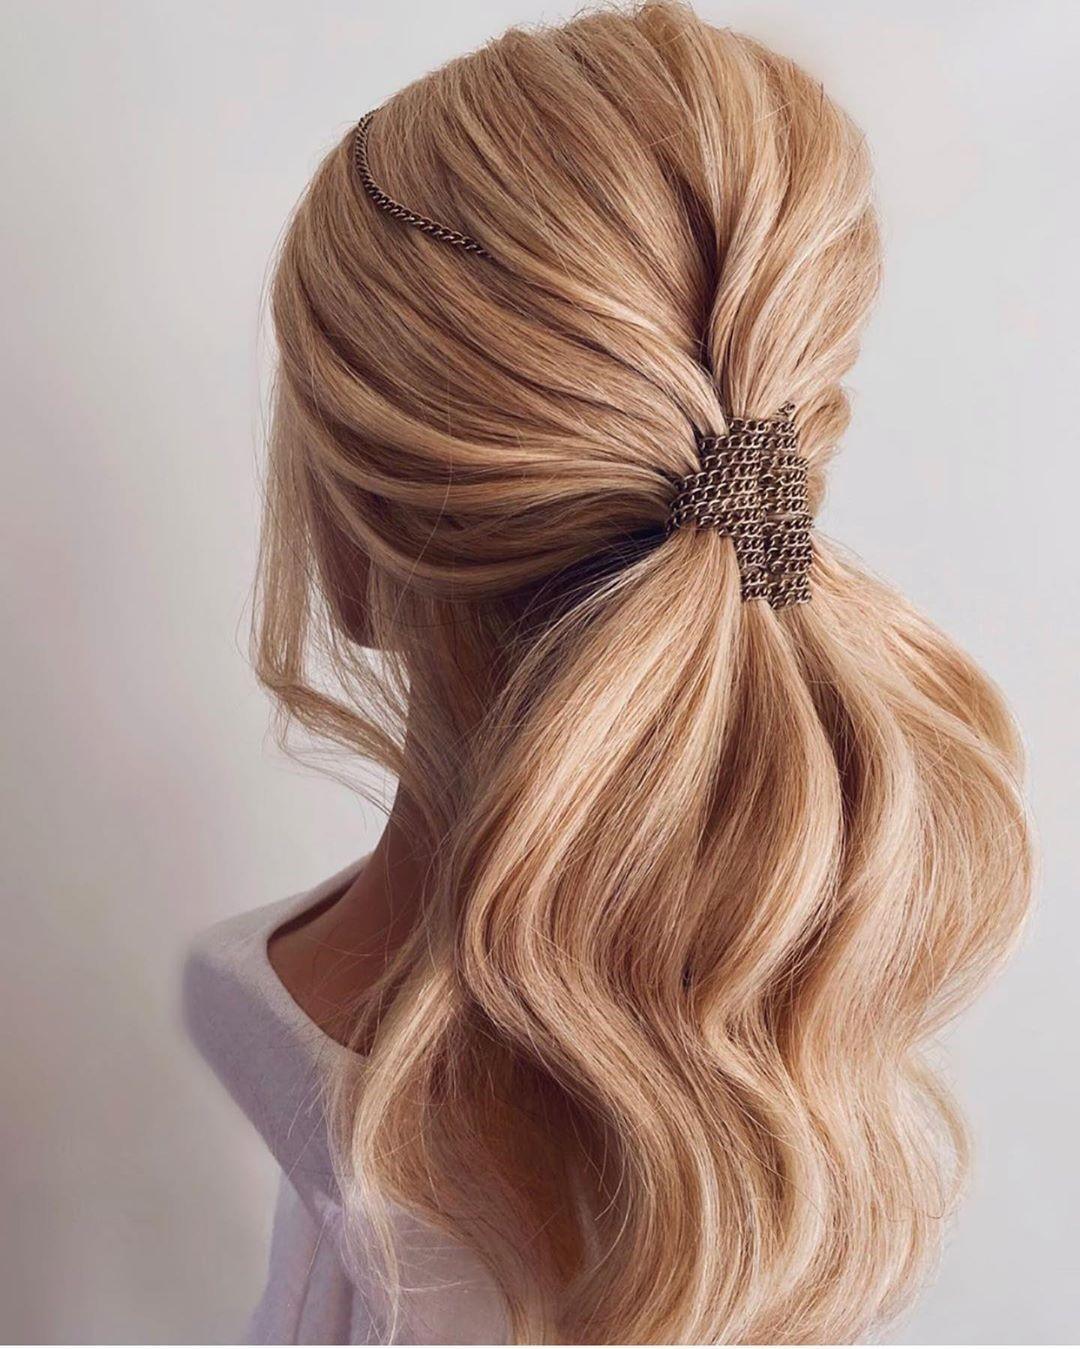 Low ponytails